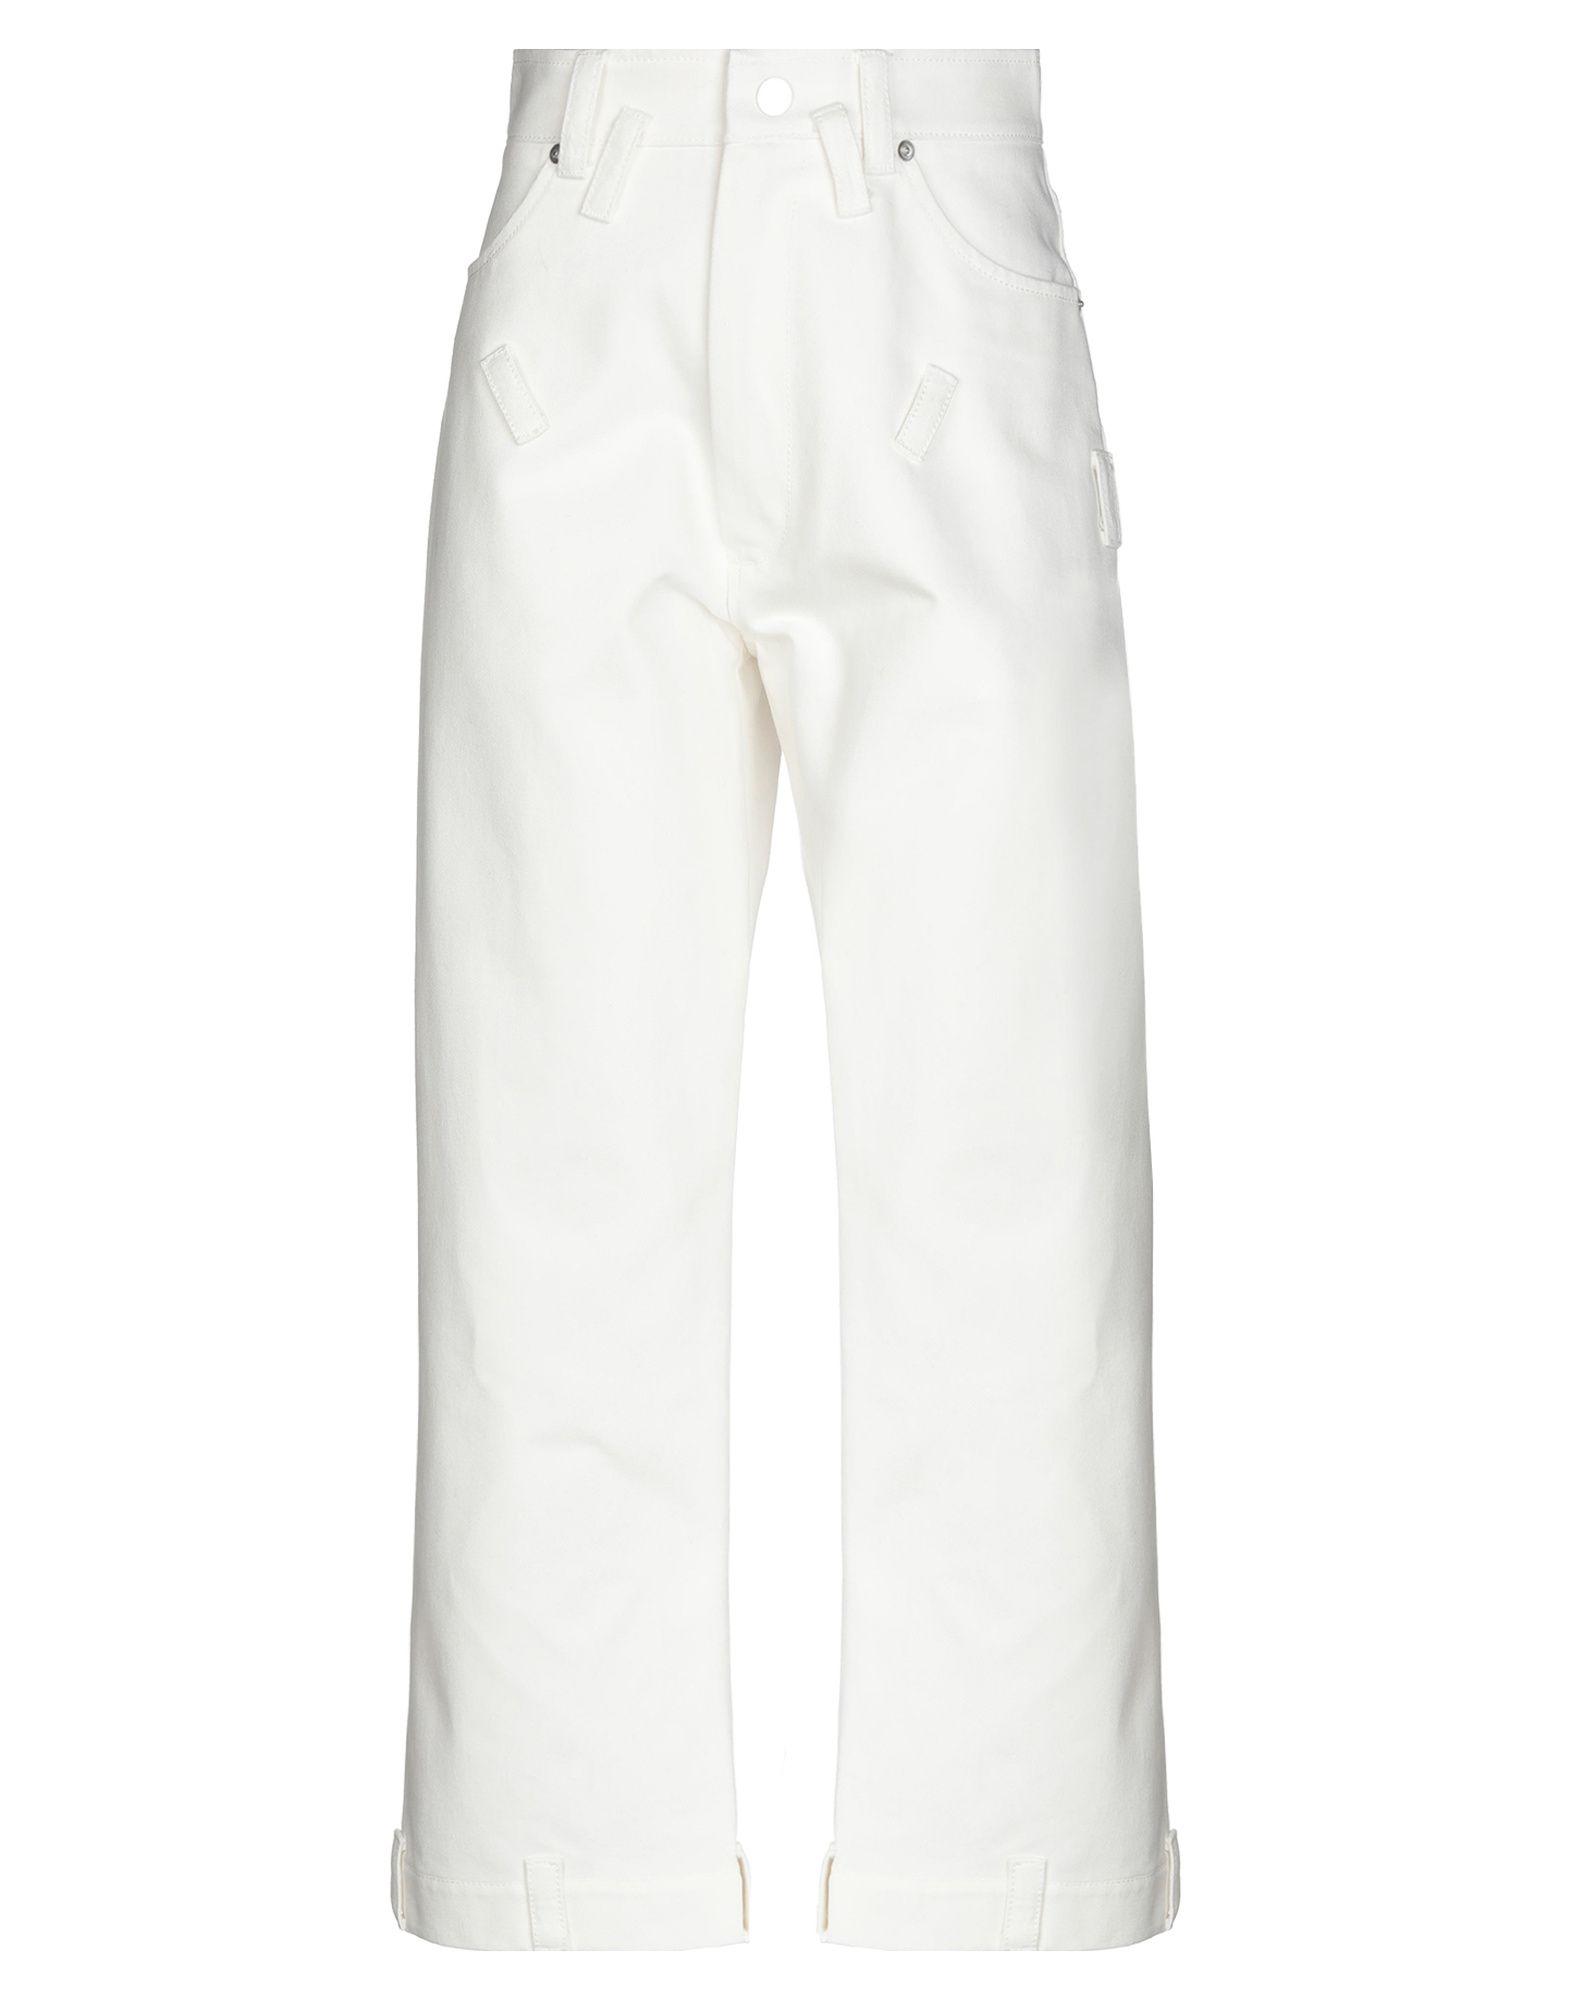 PIHAKAPI Повседневные брюки серьги коюз топаз серьги т142026393